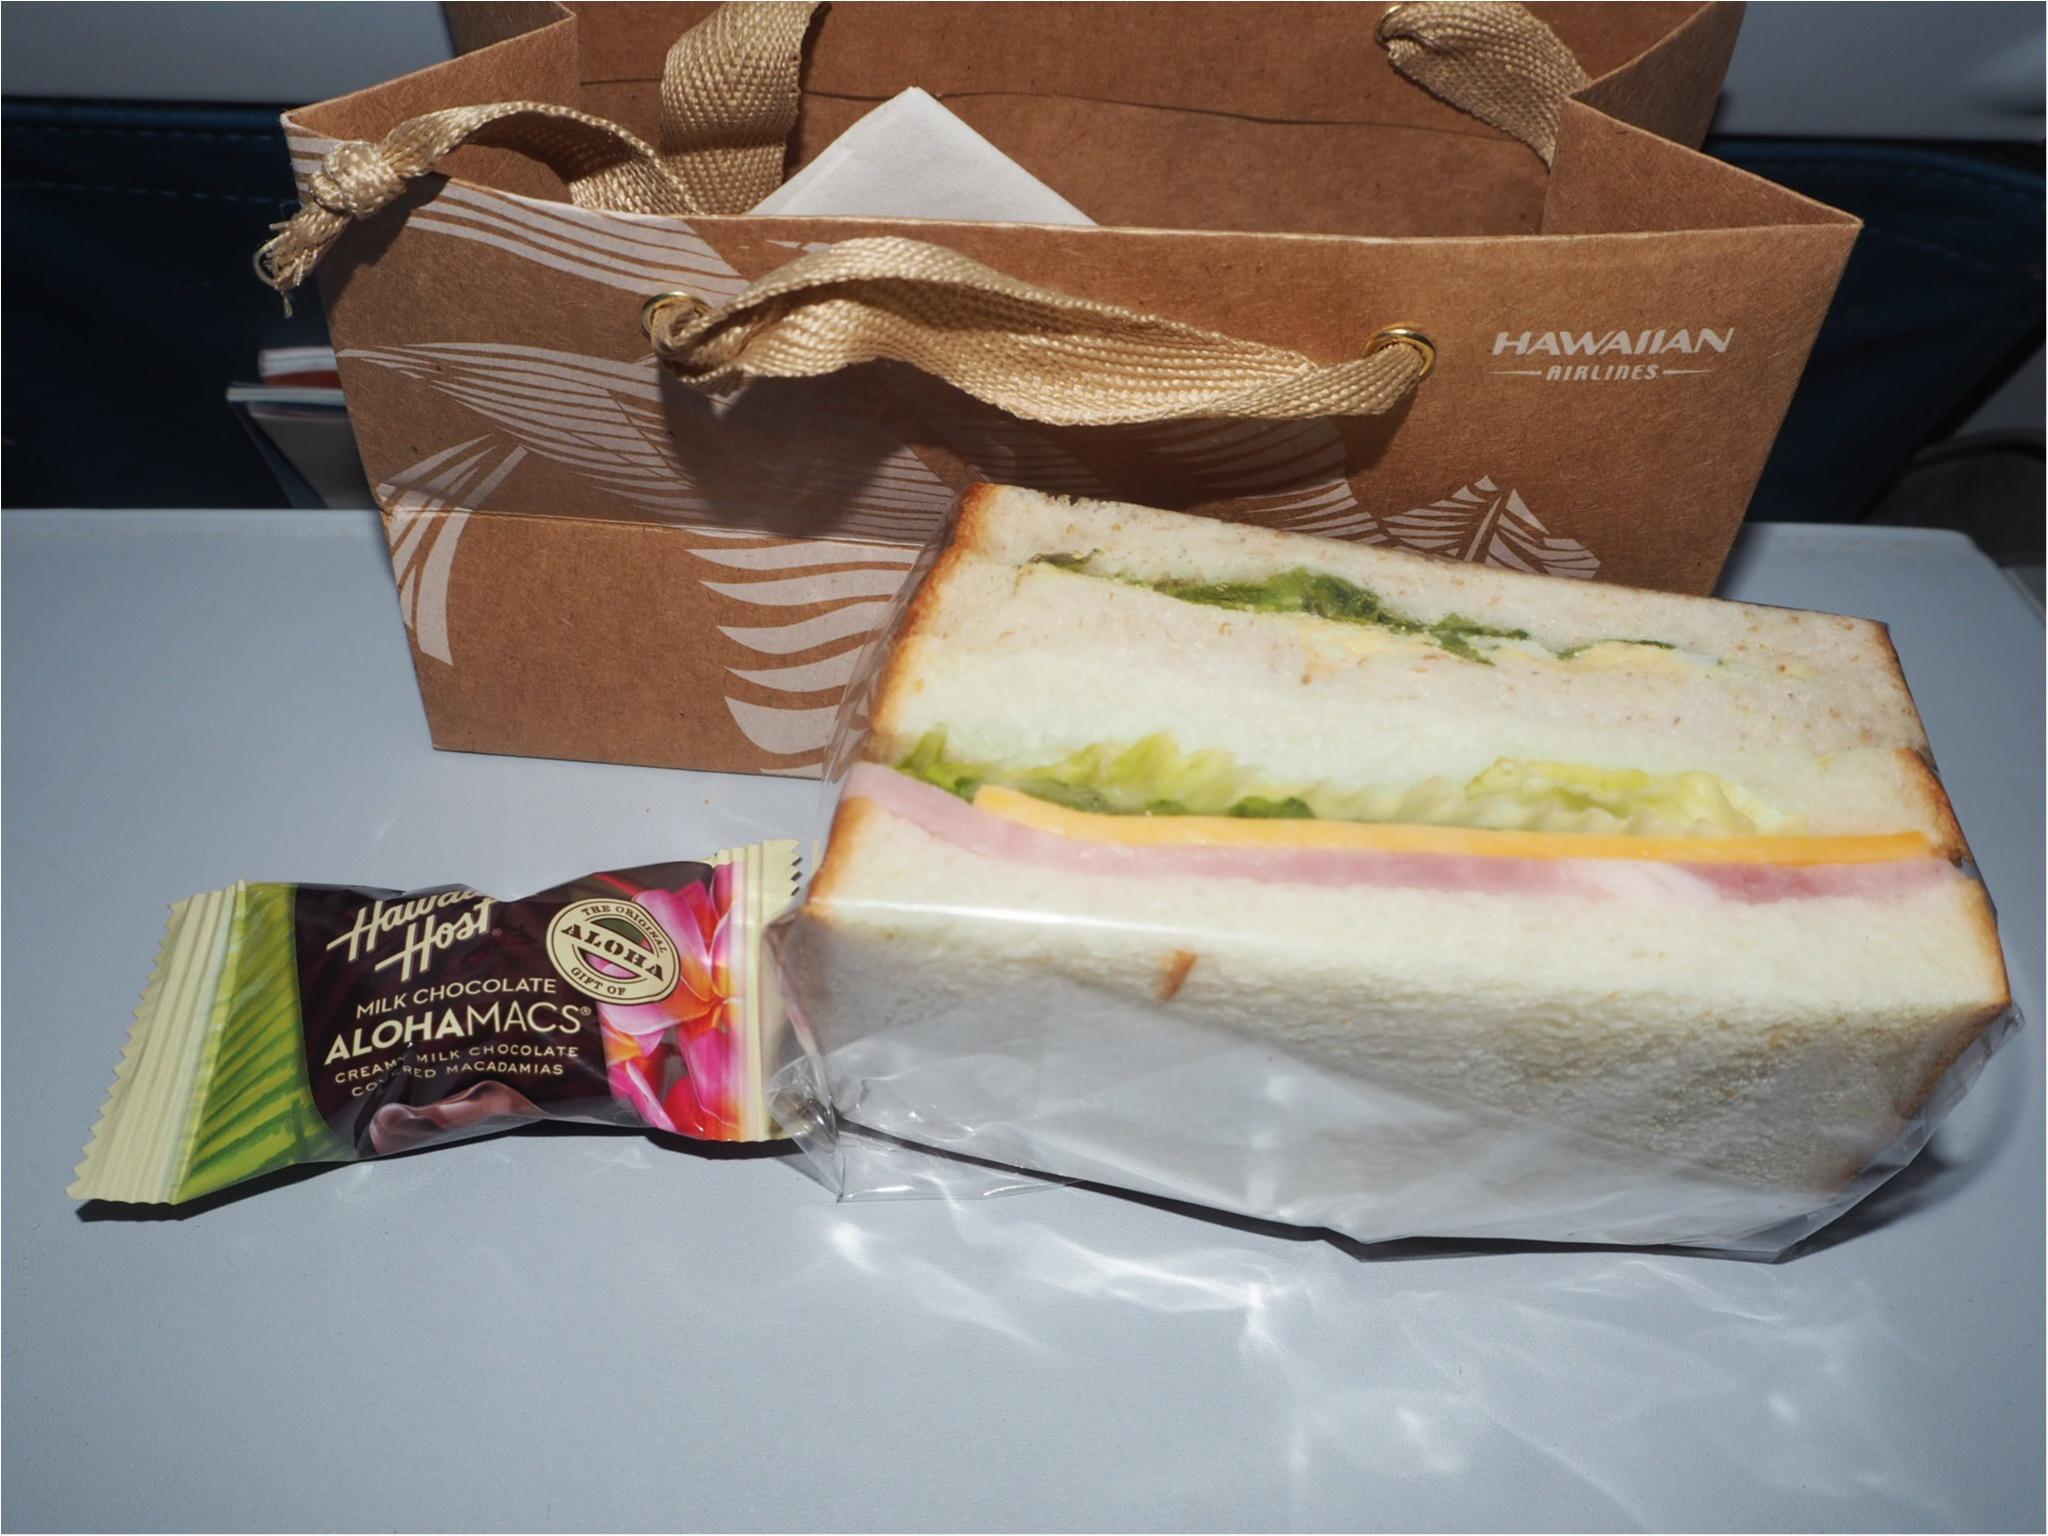 【ハワイ✈︎羽田】帰りの飛行機、ハワイアン航空の機内食はいつ出るの?お答えします‼︎_3